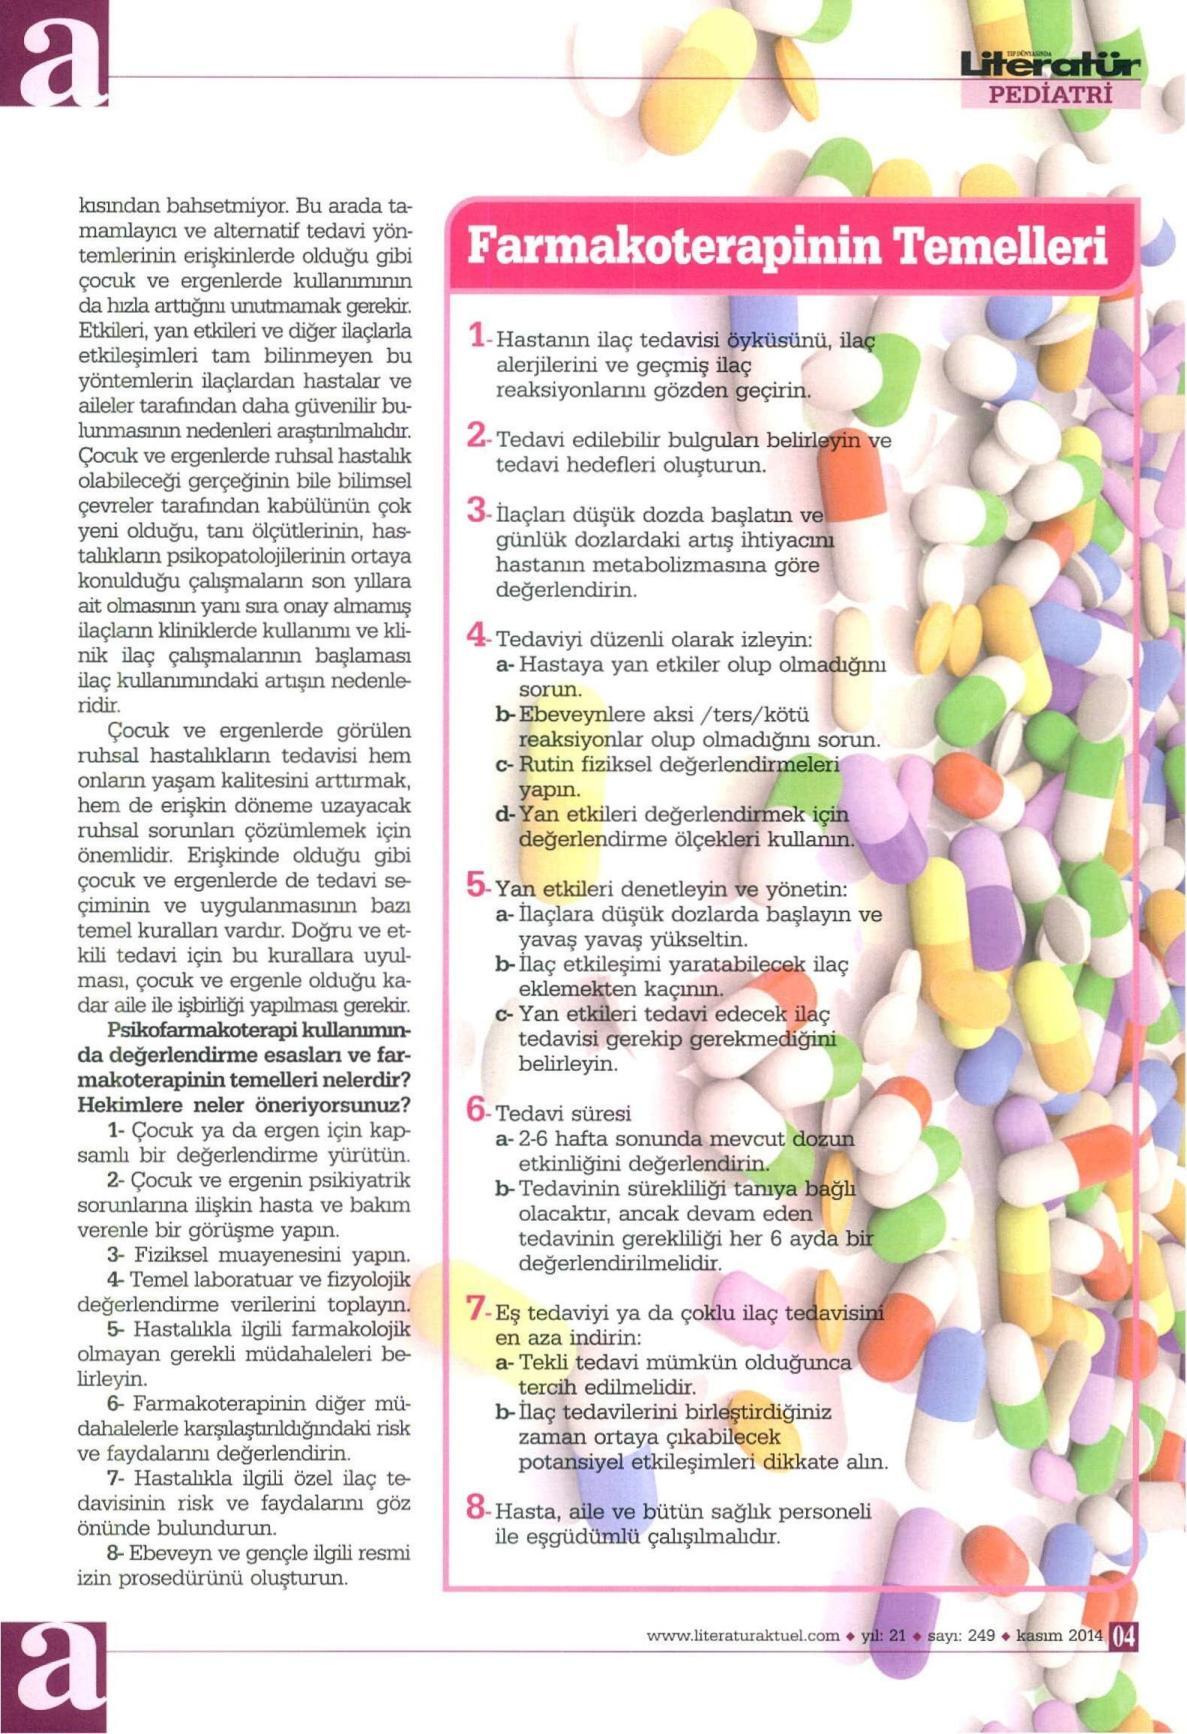 Farmakoterapinin temelleri - LİTERATÜR AKTÜEL  01.11.2014</p> <p>